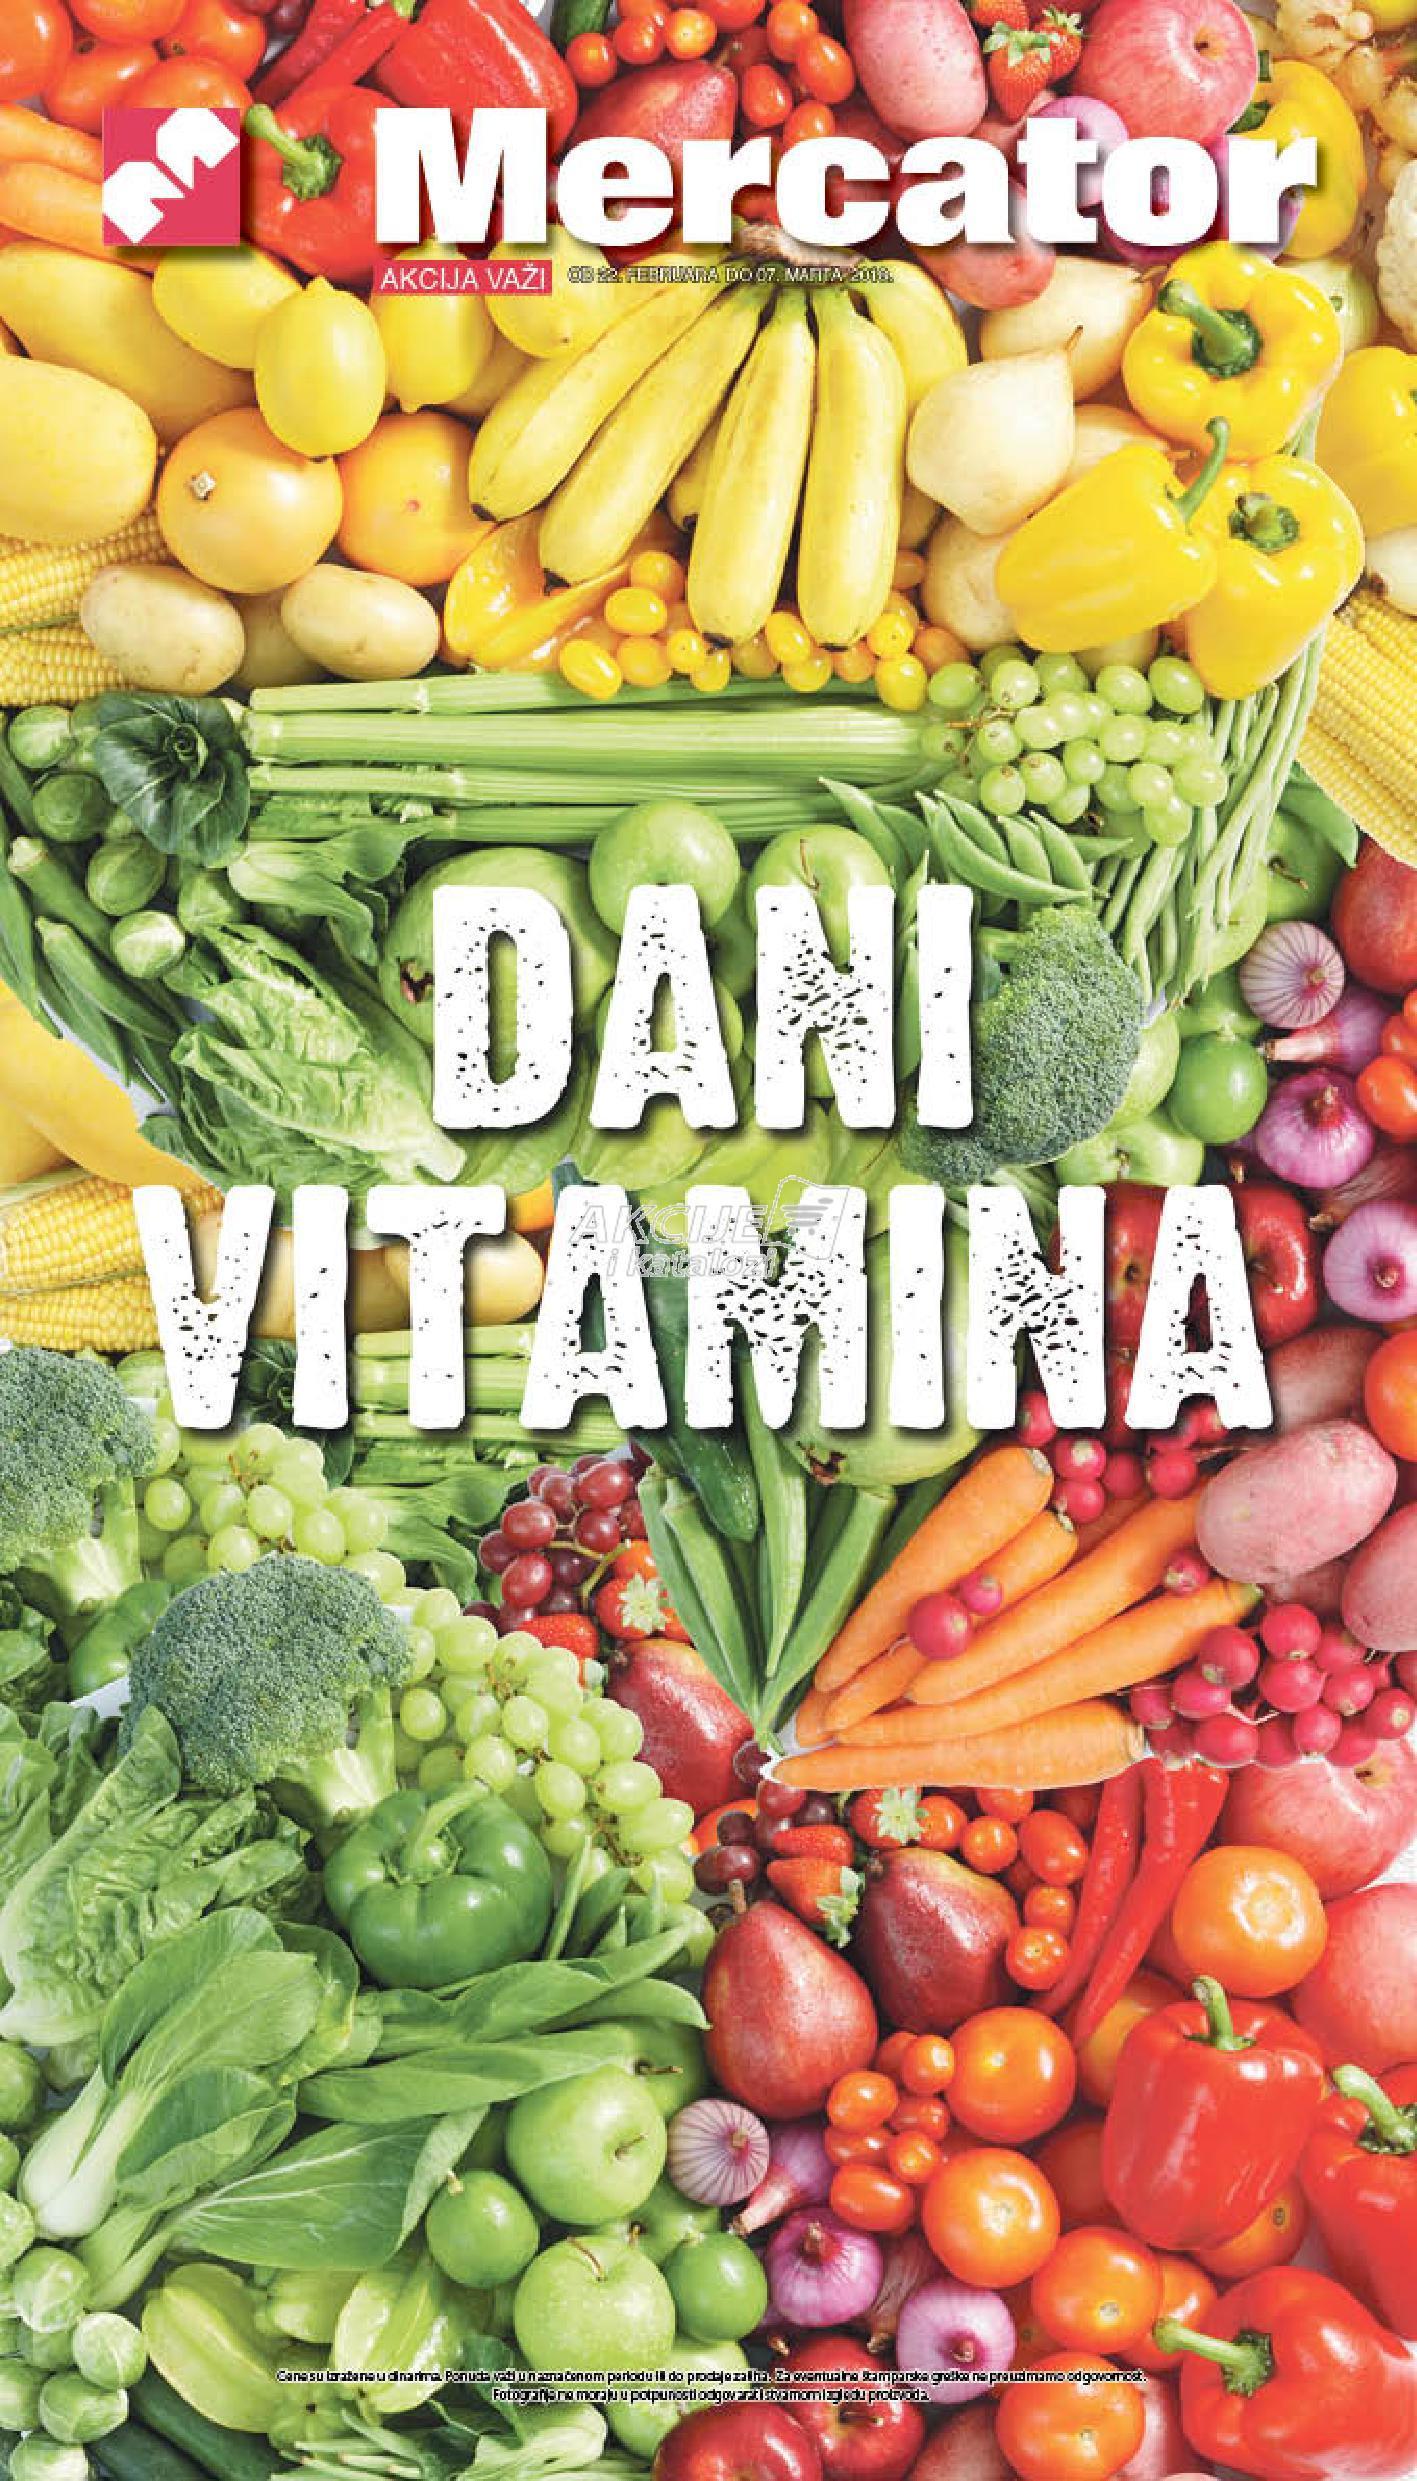 Mercator - Redovna akcija dani vitamina